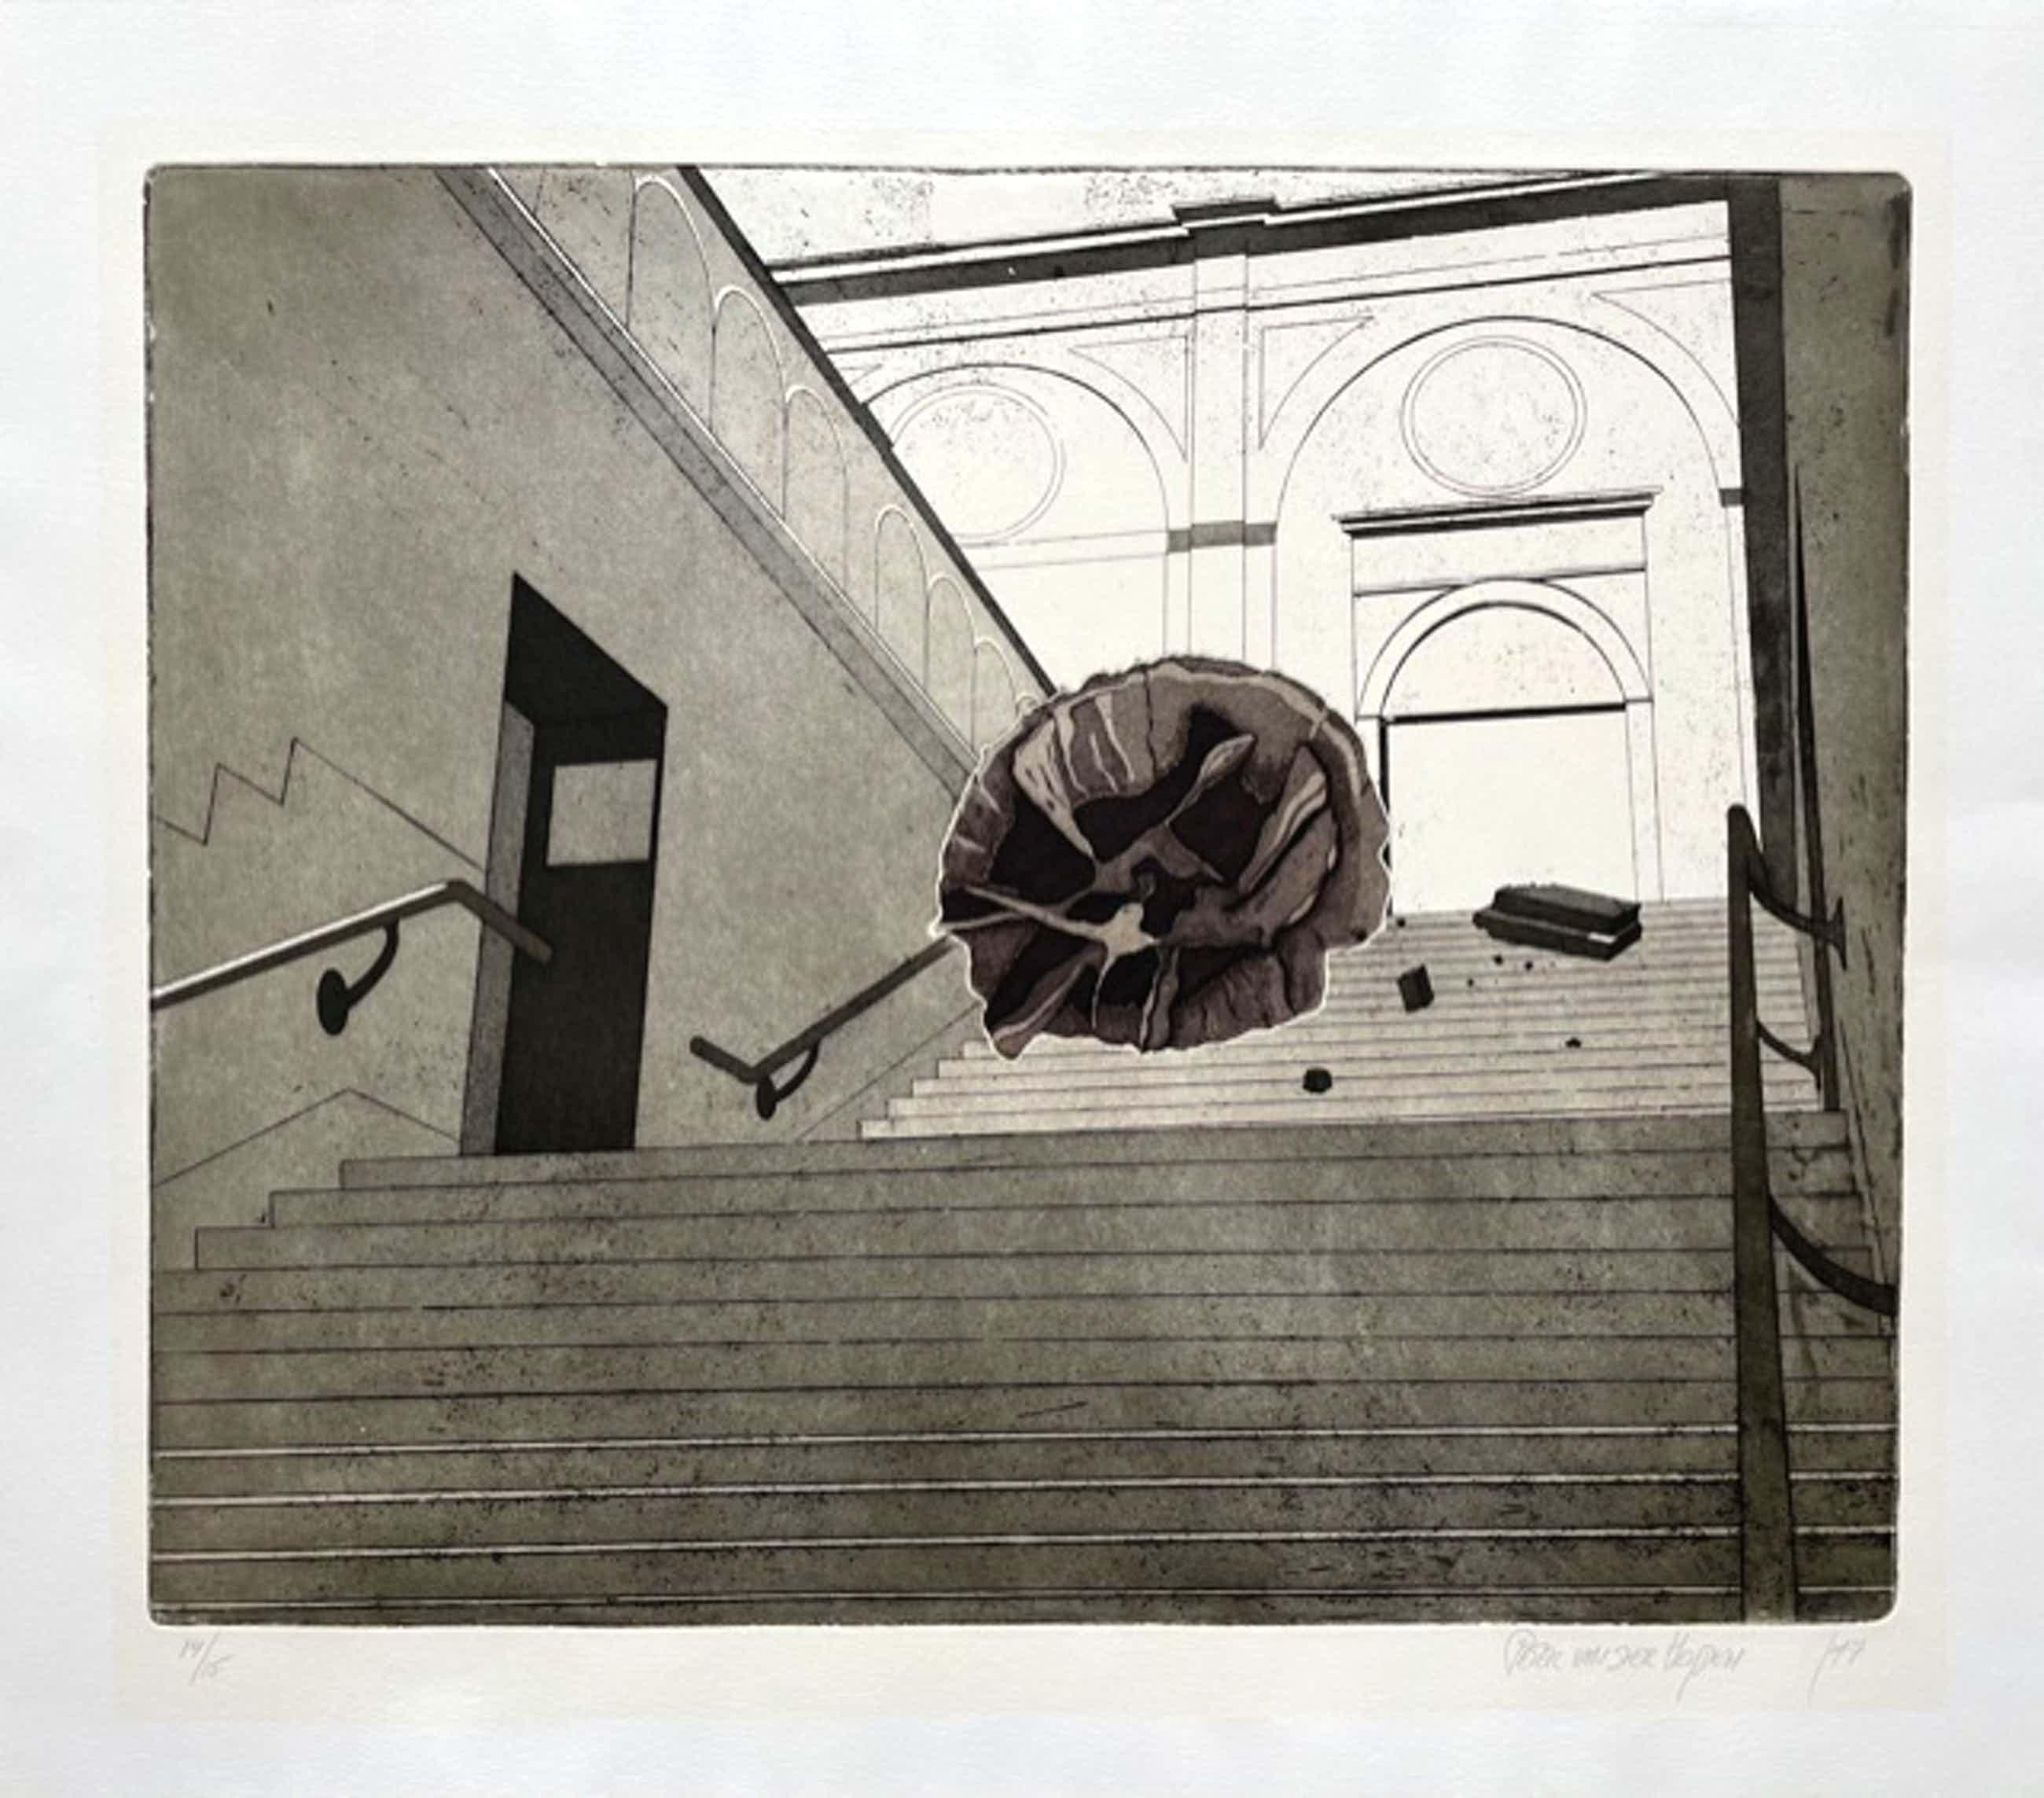 Peter van der Heijden - Oude trap Stedelijk Museum Amsterdam kopen? Bied vanaf 50!